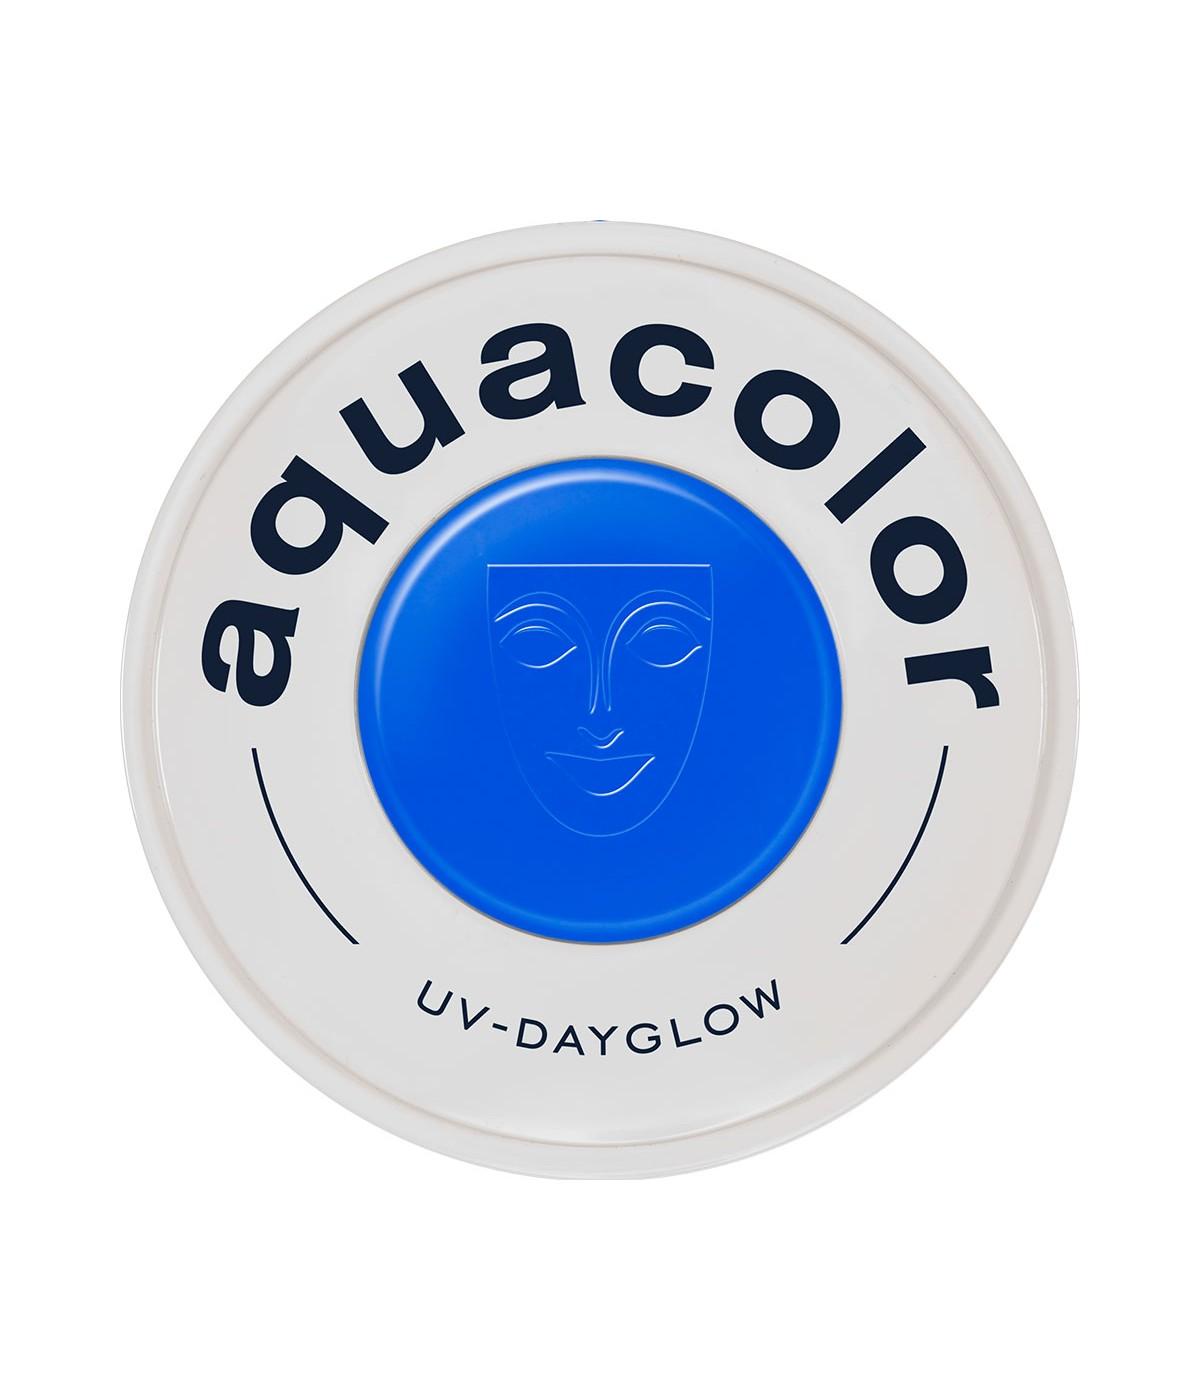 Kryolan UV Dayglow, Aquacolor, 30 ml